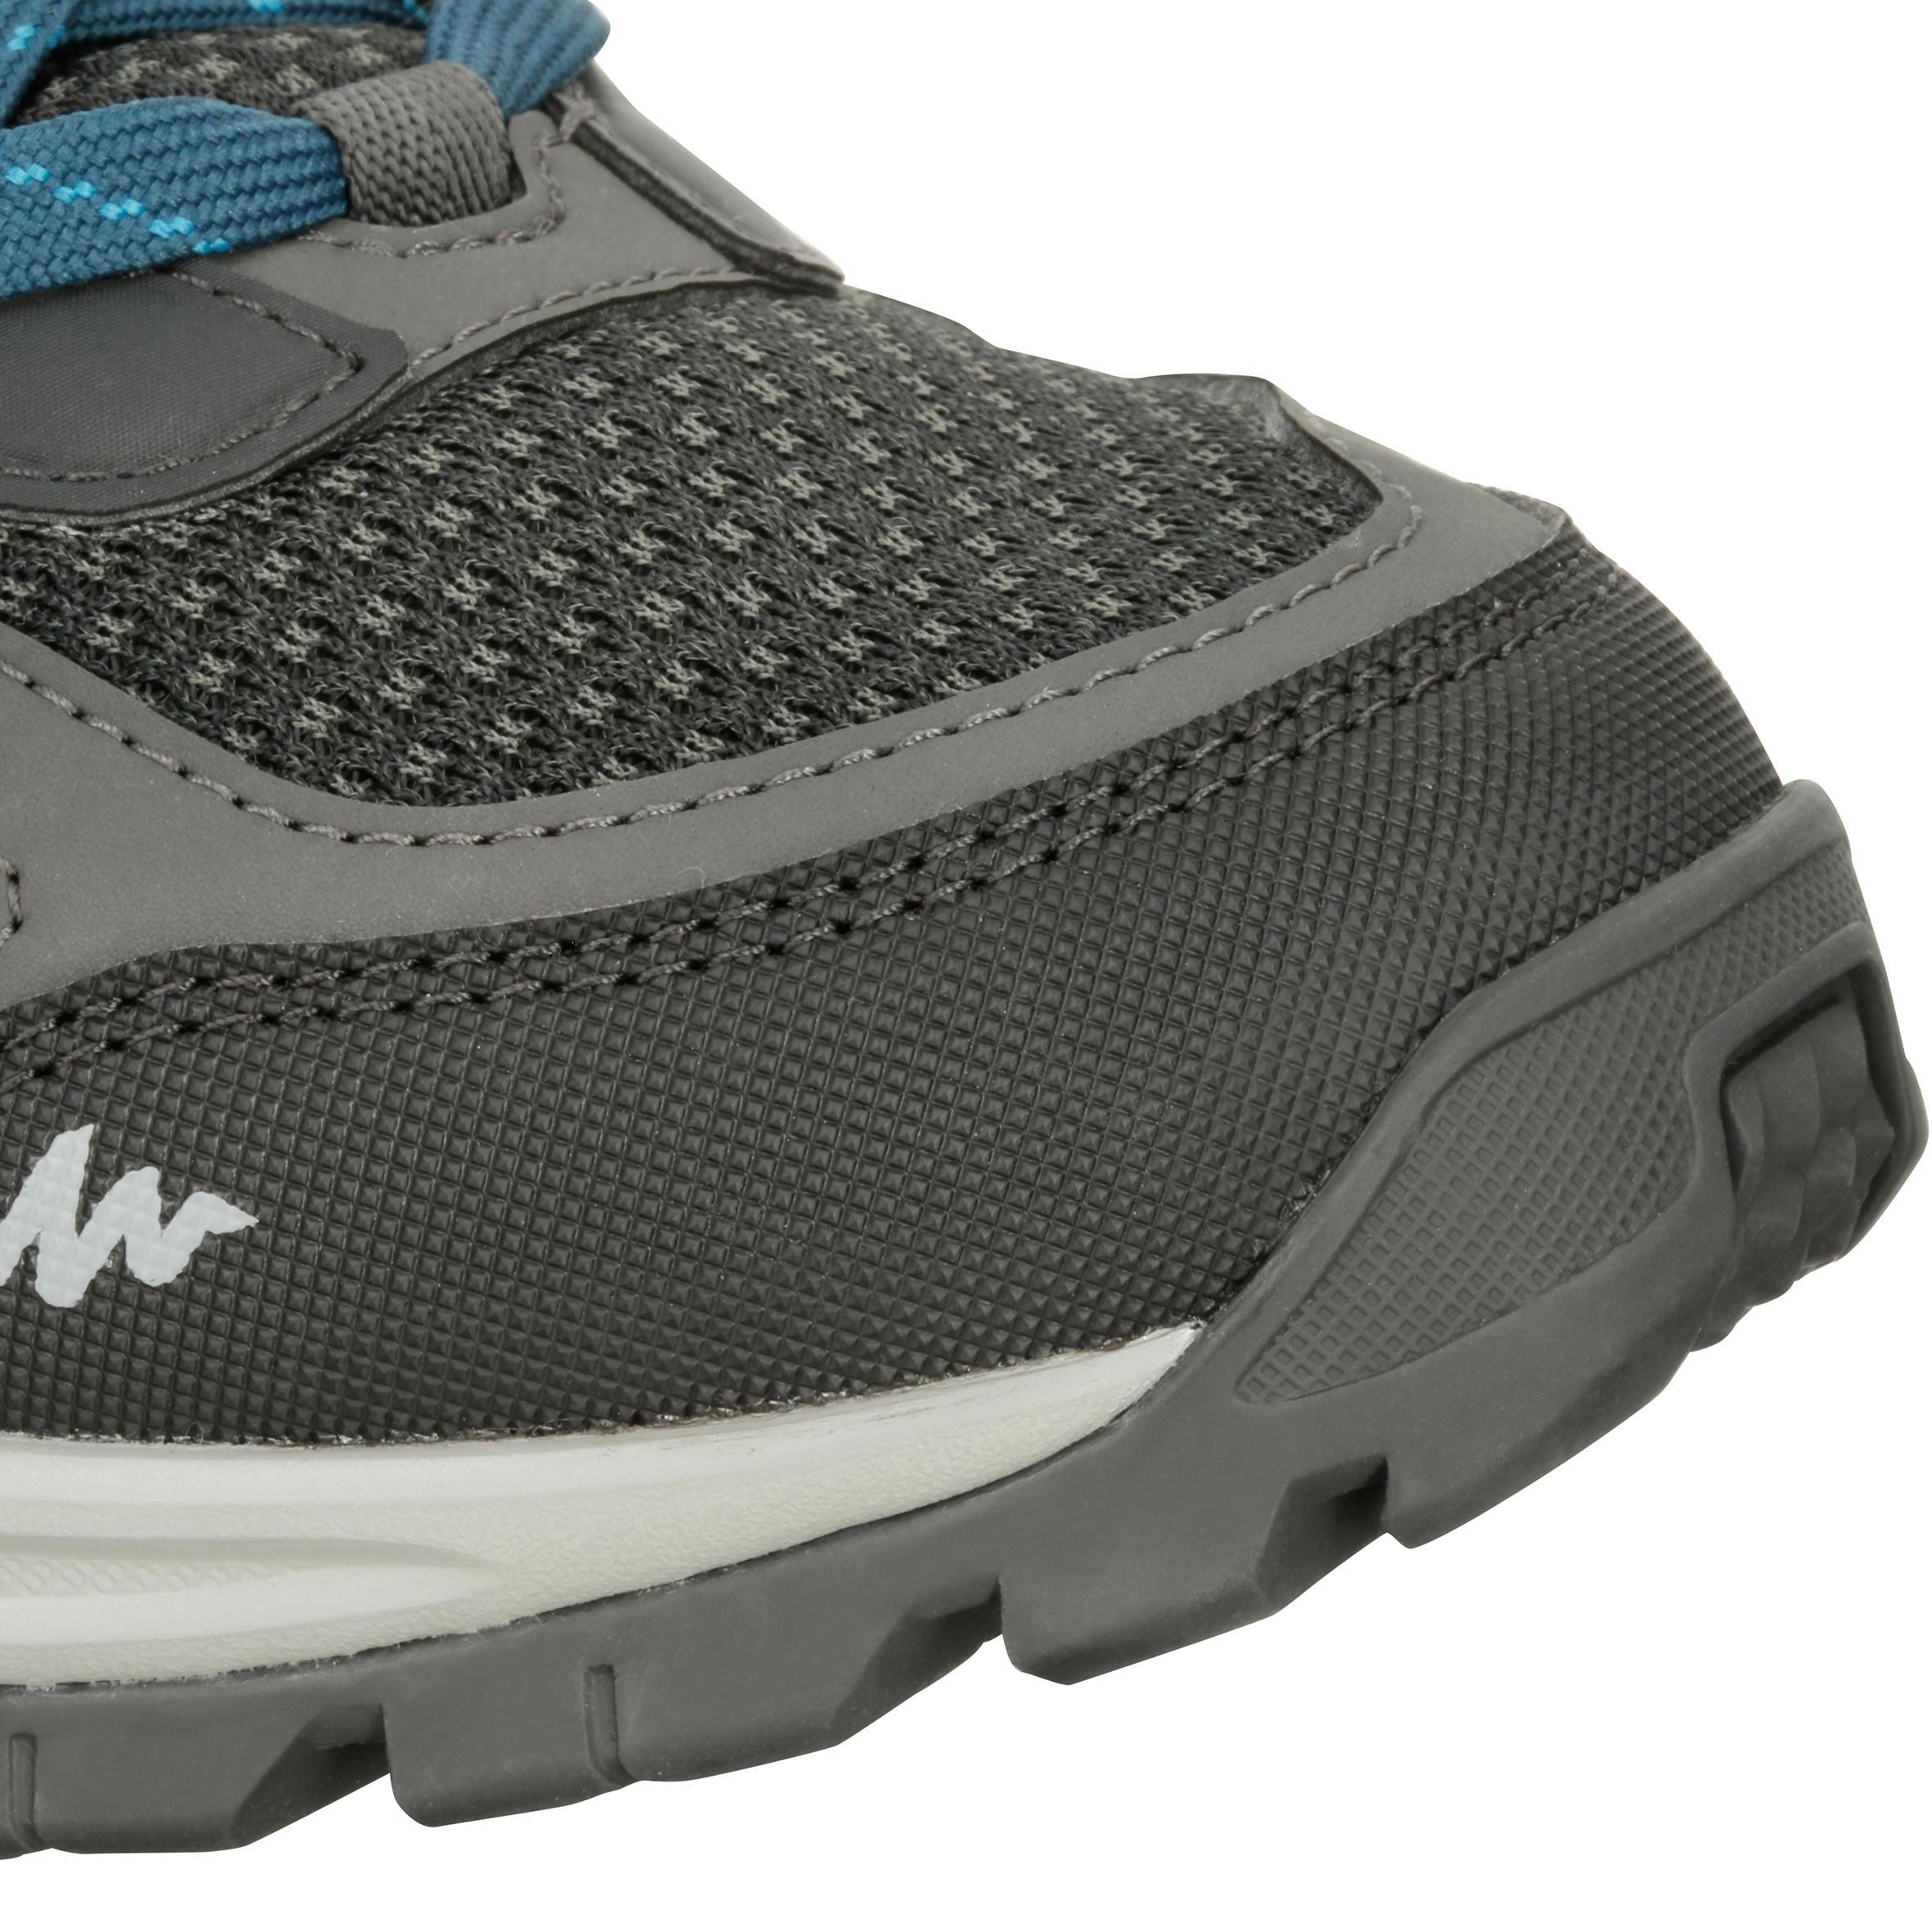 Chaussures de randonnée montagne homme Forclaz 100 noir